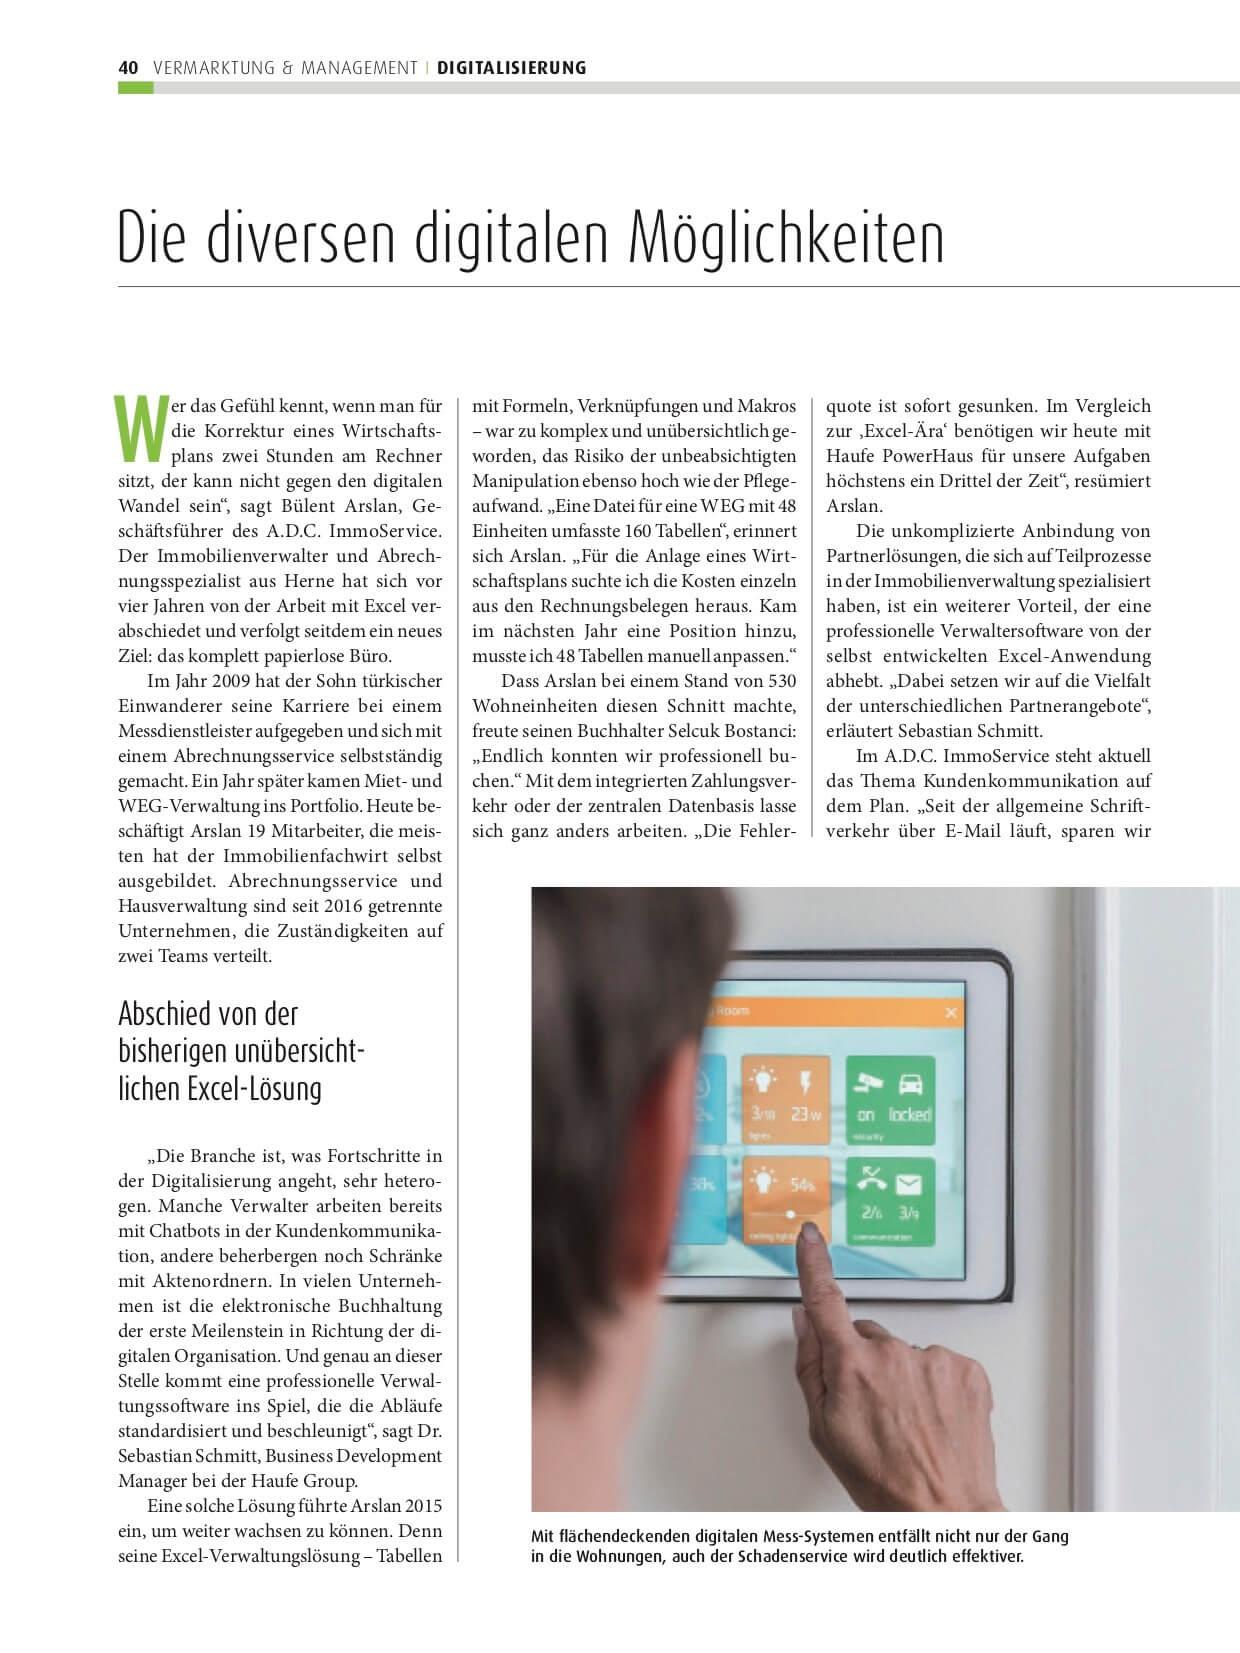 Fachbeitrag Die diversen digitalen Möglichkeiten für Immobilienverwaltungen